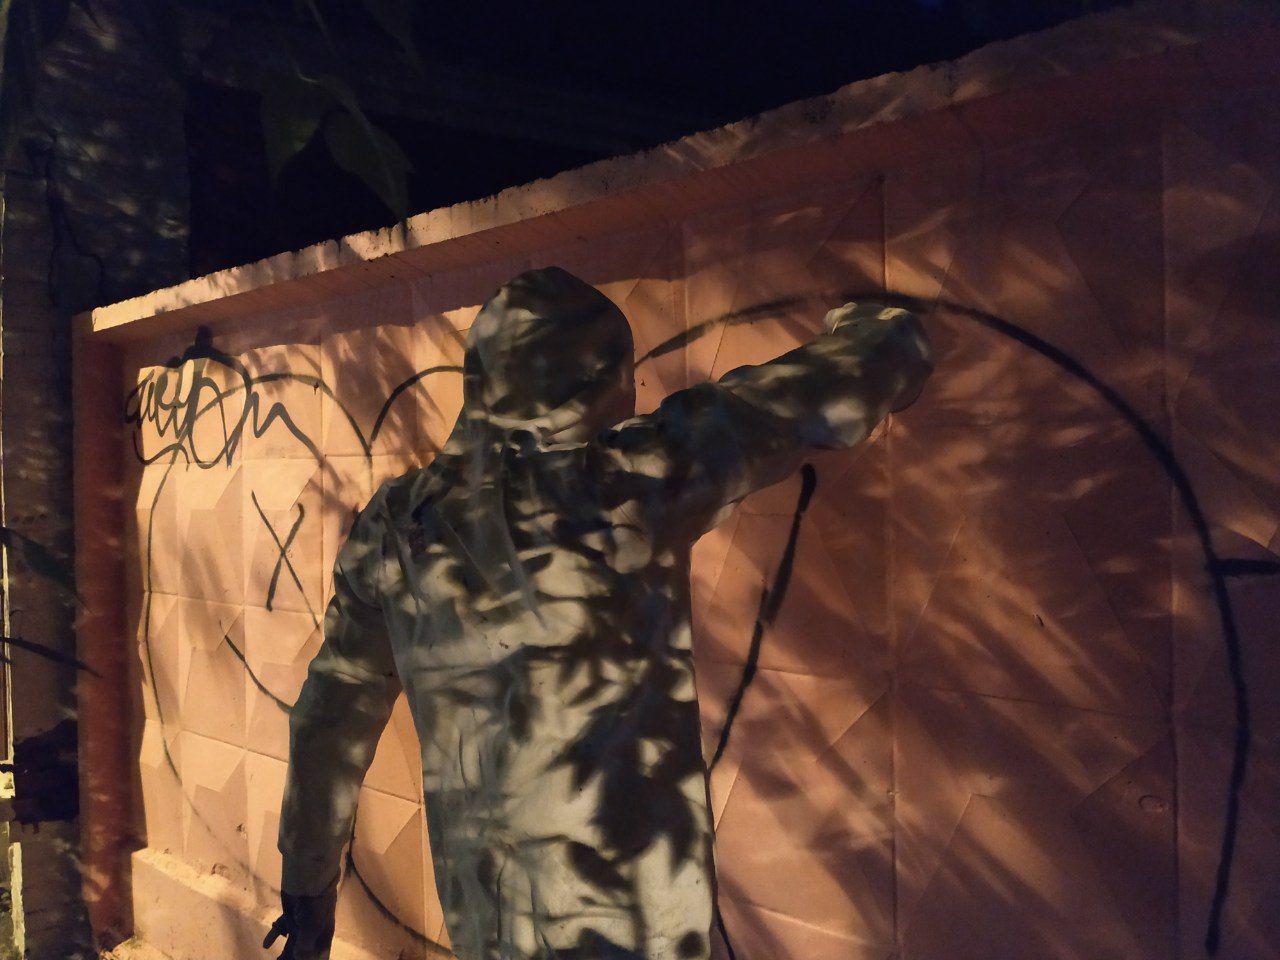 Арт-объект в виде уличного художника появился в Екатеринбурге